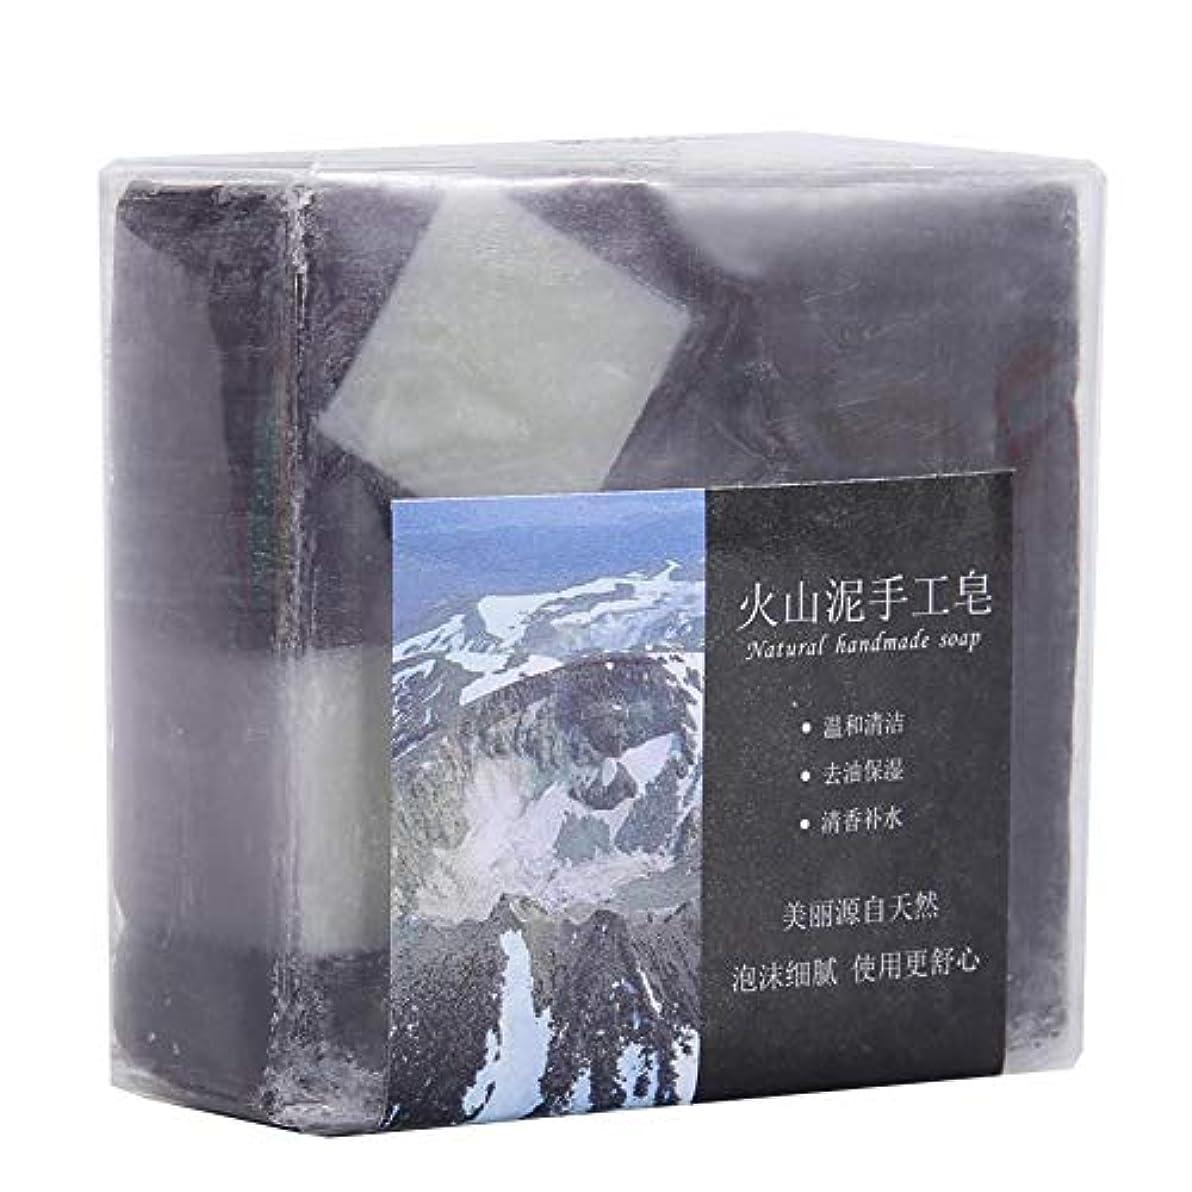 ディープクリーニング 火山泥 ハンドメイドグリース 保湿石鹸用 100 G 手作り石鹸